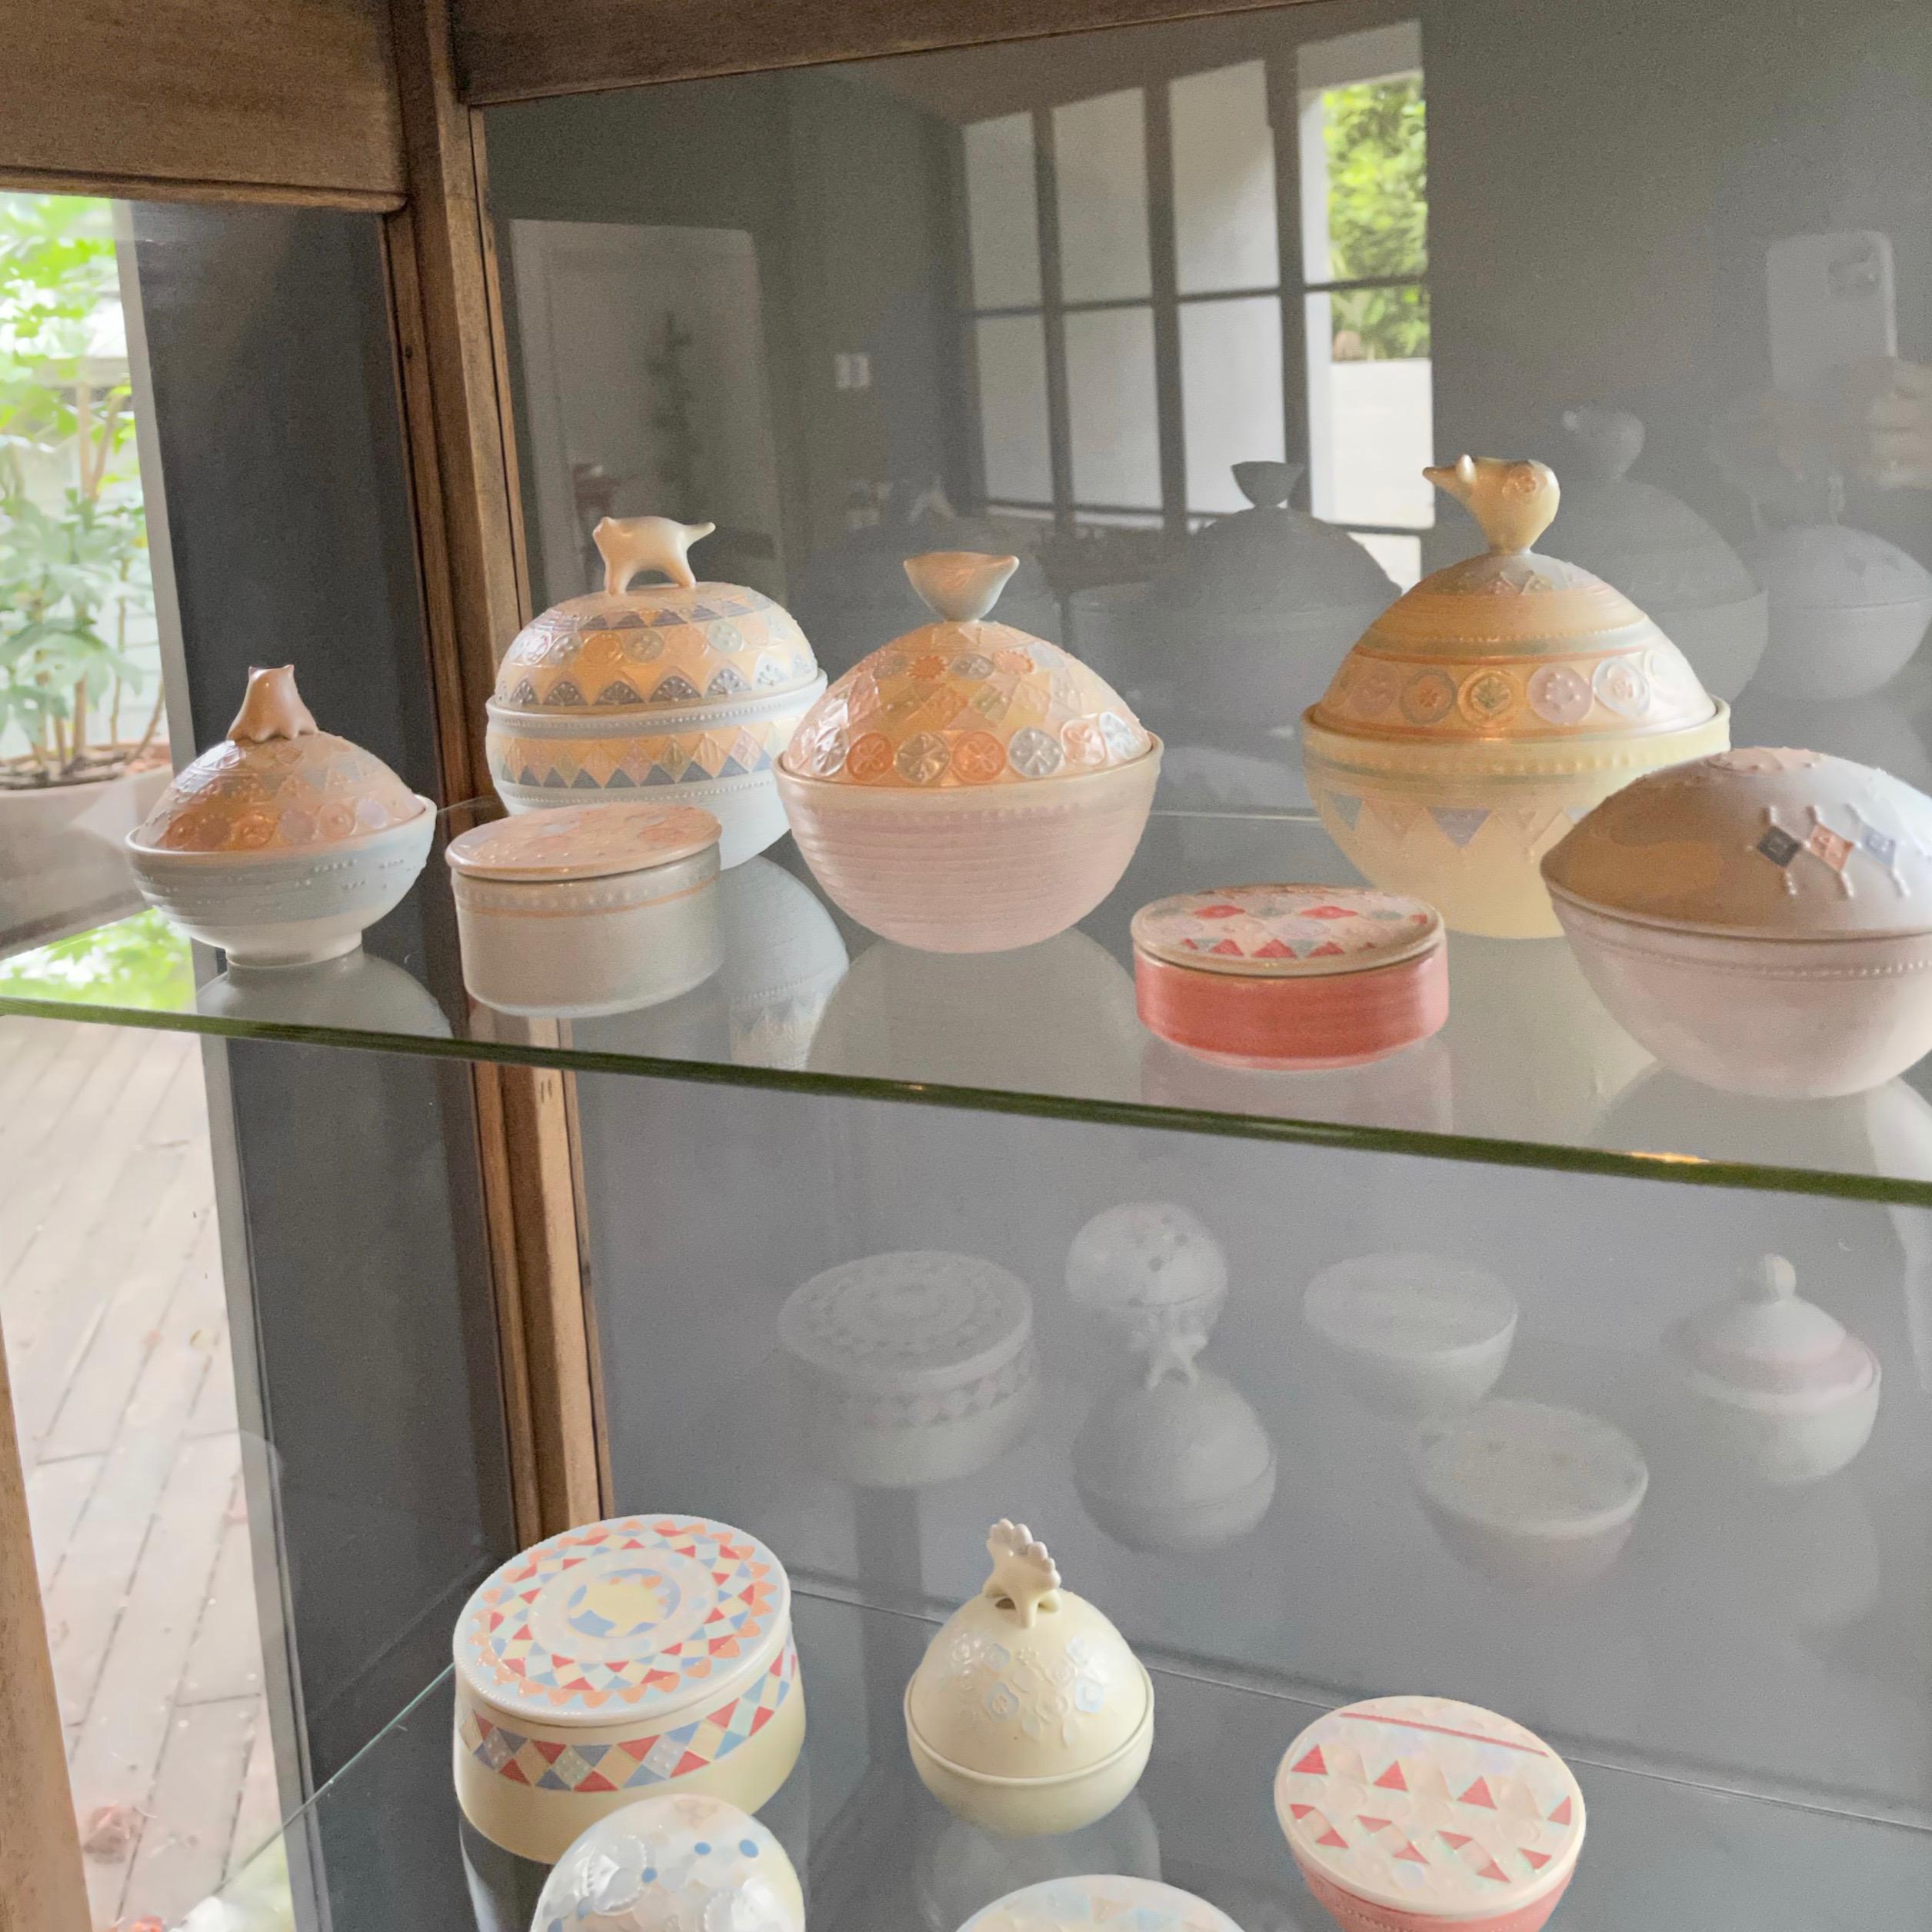 『ふたもの 展  4/15 - 4/21 』  中村かりんさんの 作品が並びました